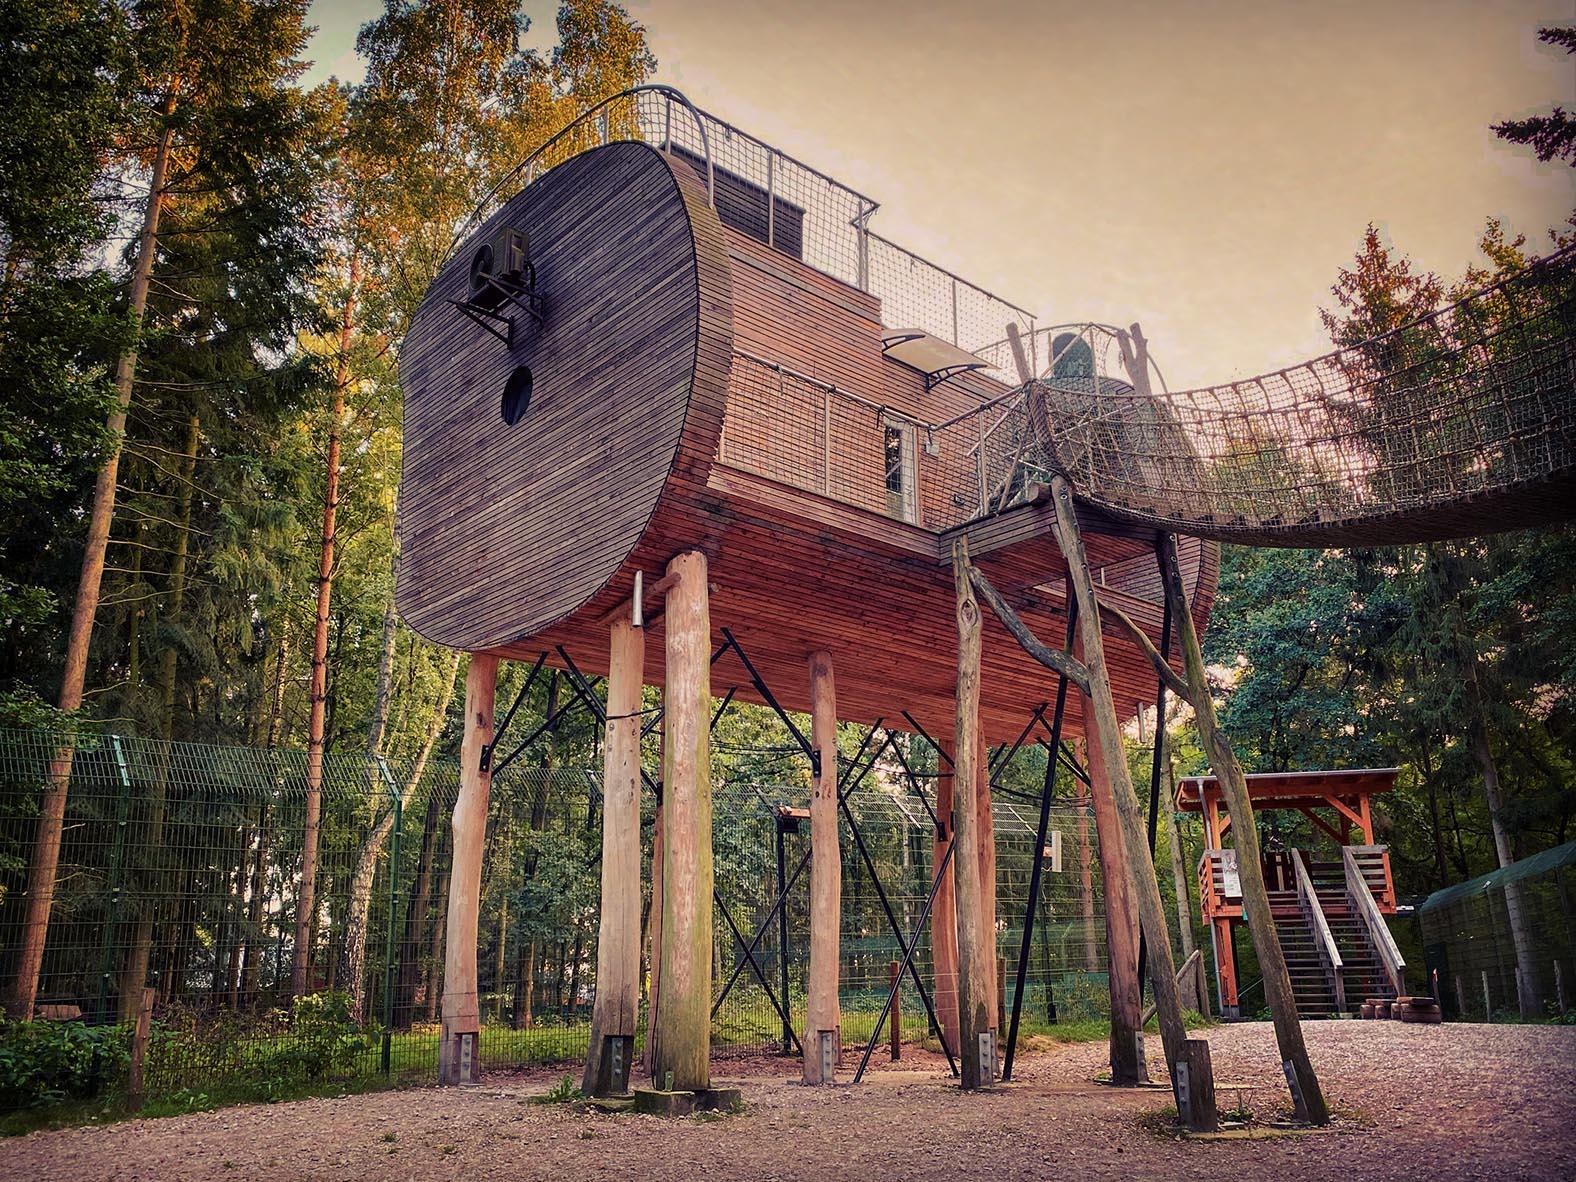 Glamping der besonderen Art: Das Tree Inn ist ein besonderes für Camper, die es komfortabel mögen